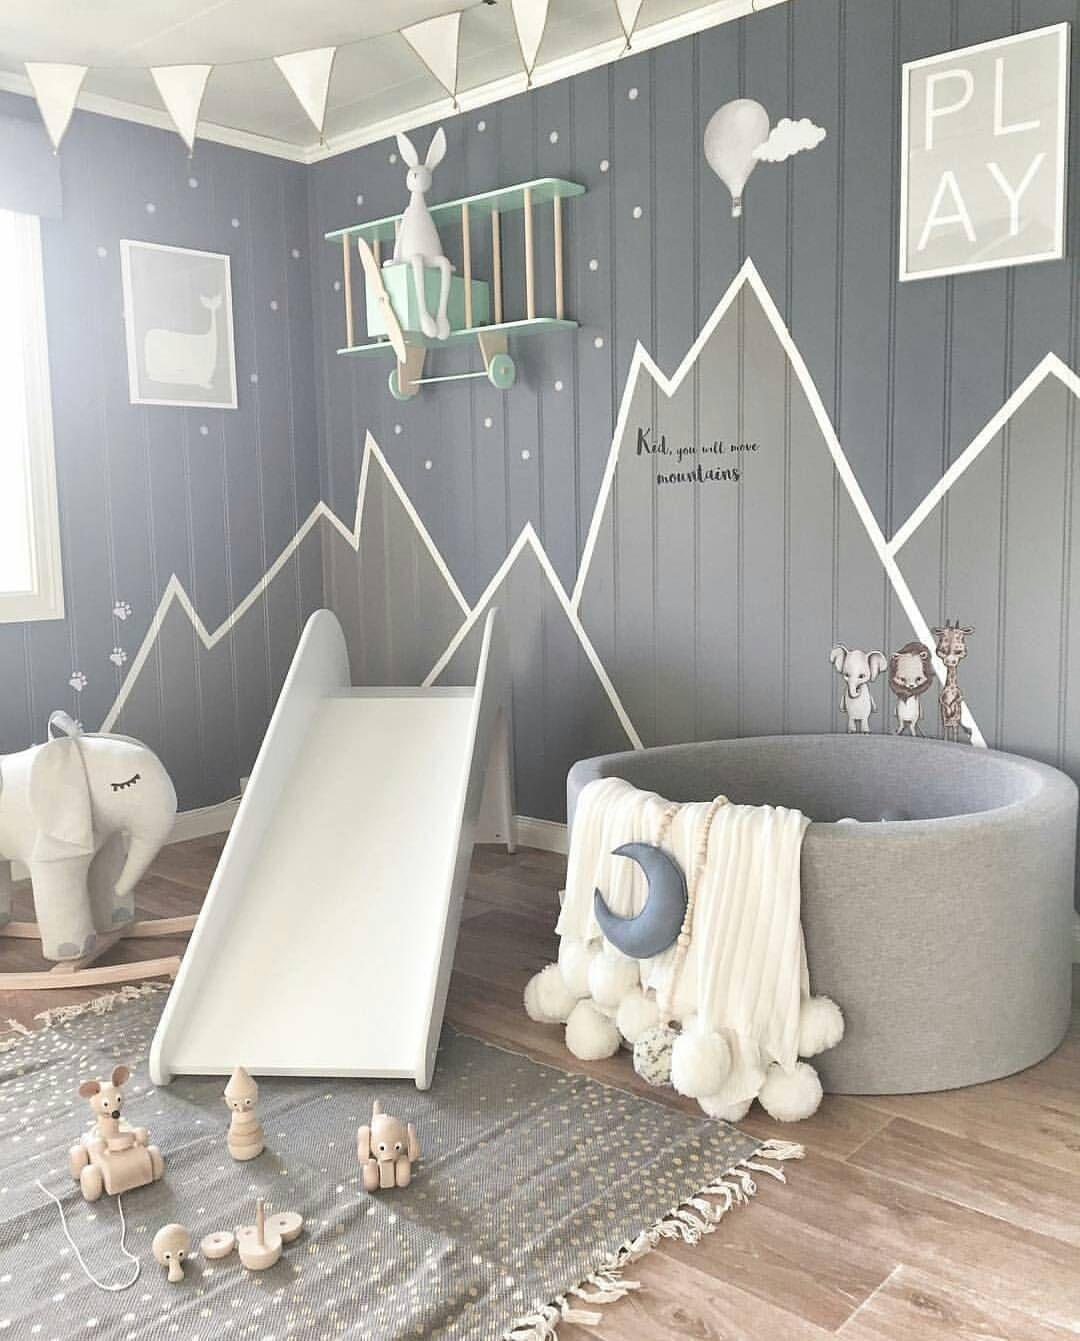 Rutsche Kinderzimmer.Kinderzimmer Mit Rutsche Und Bällebad Schöne Farben Kids